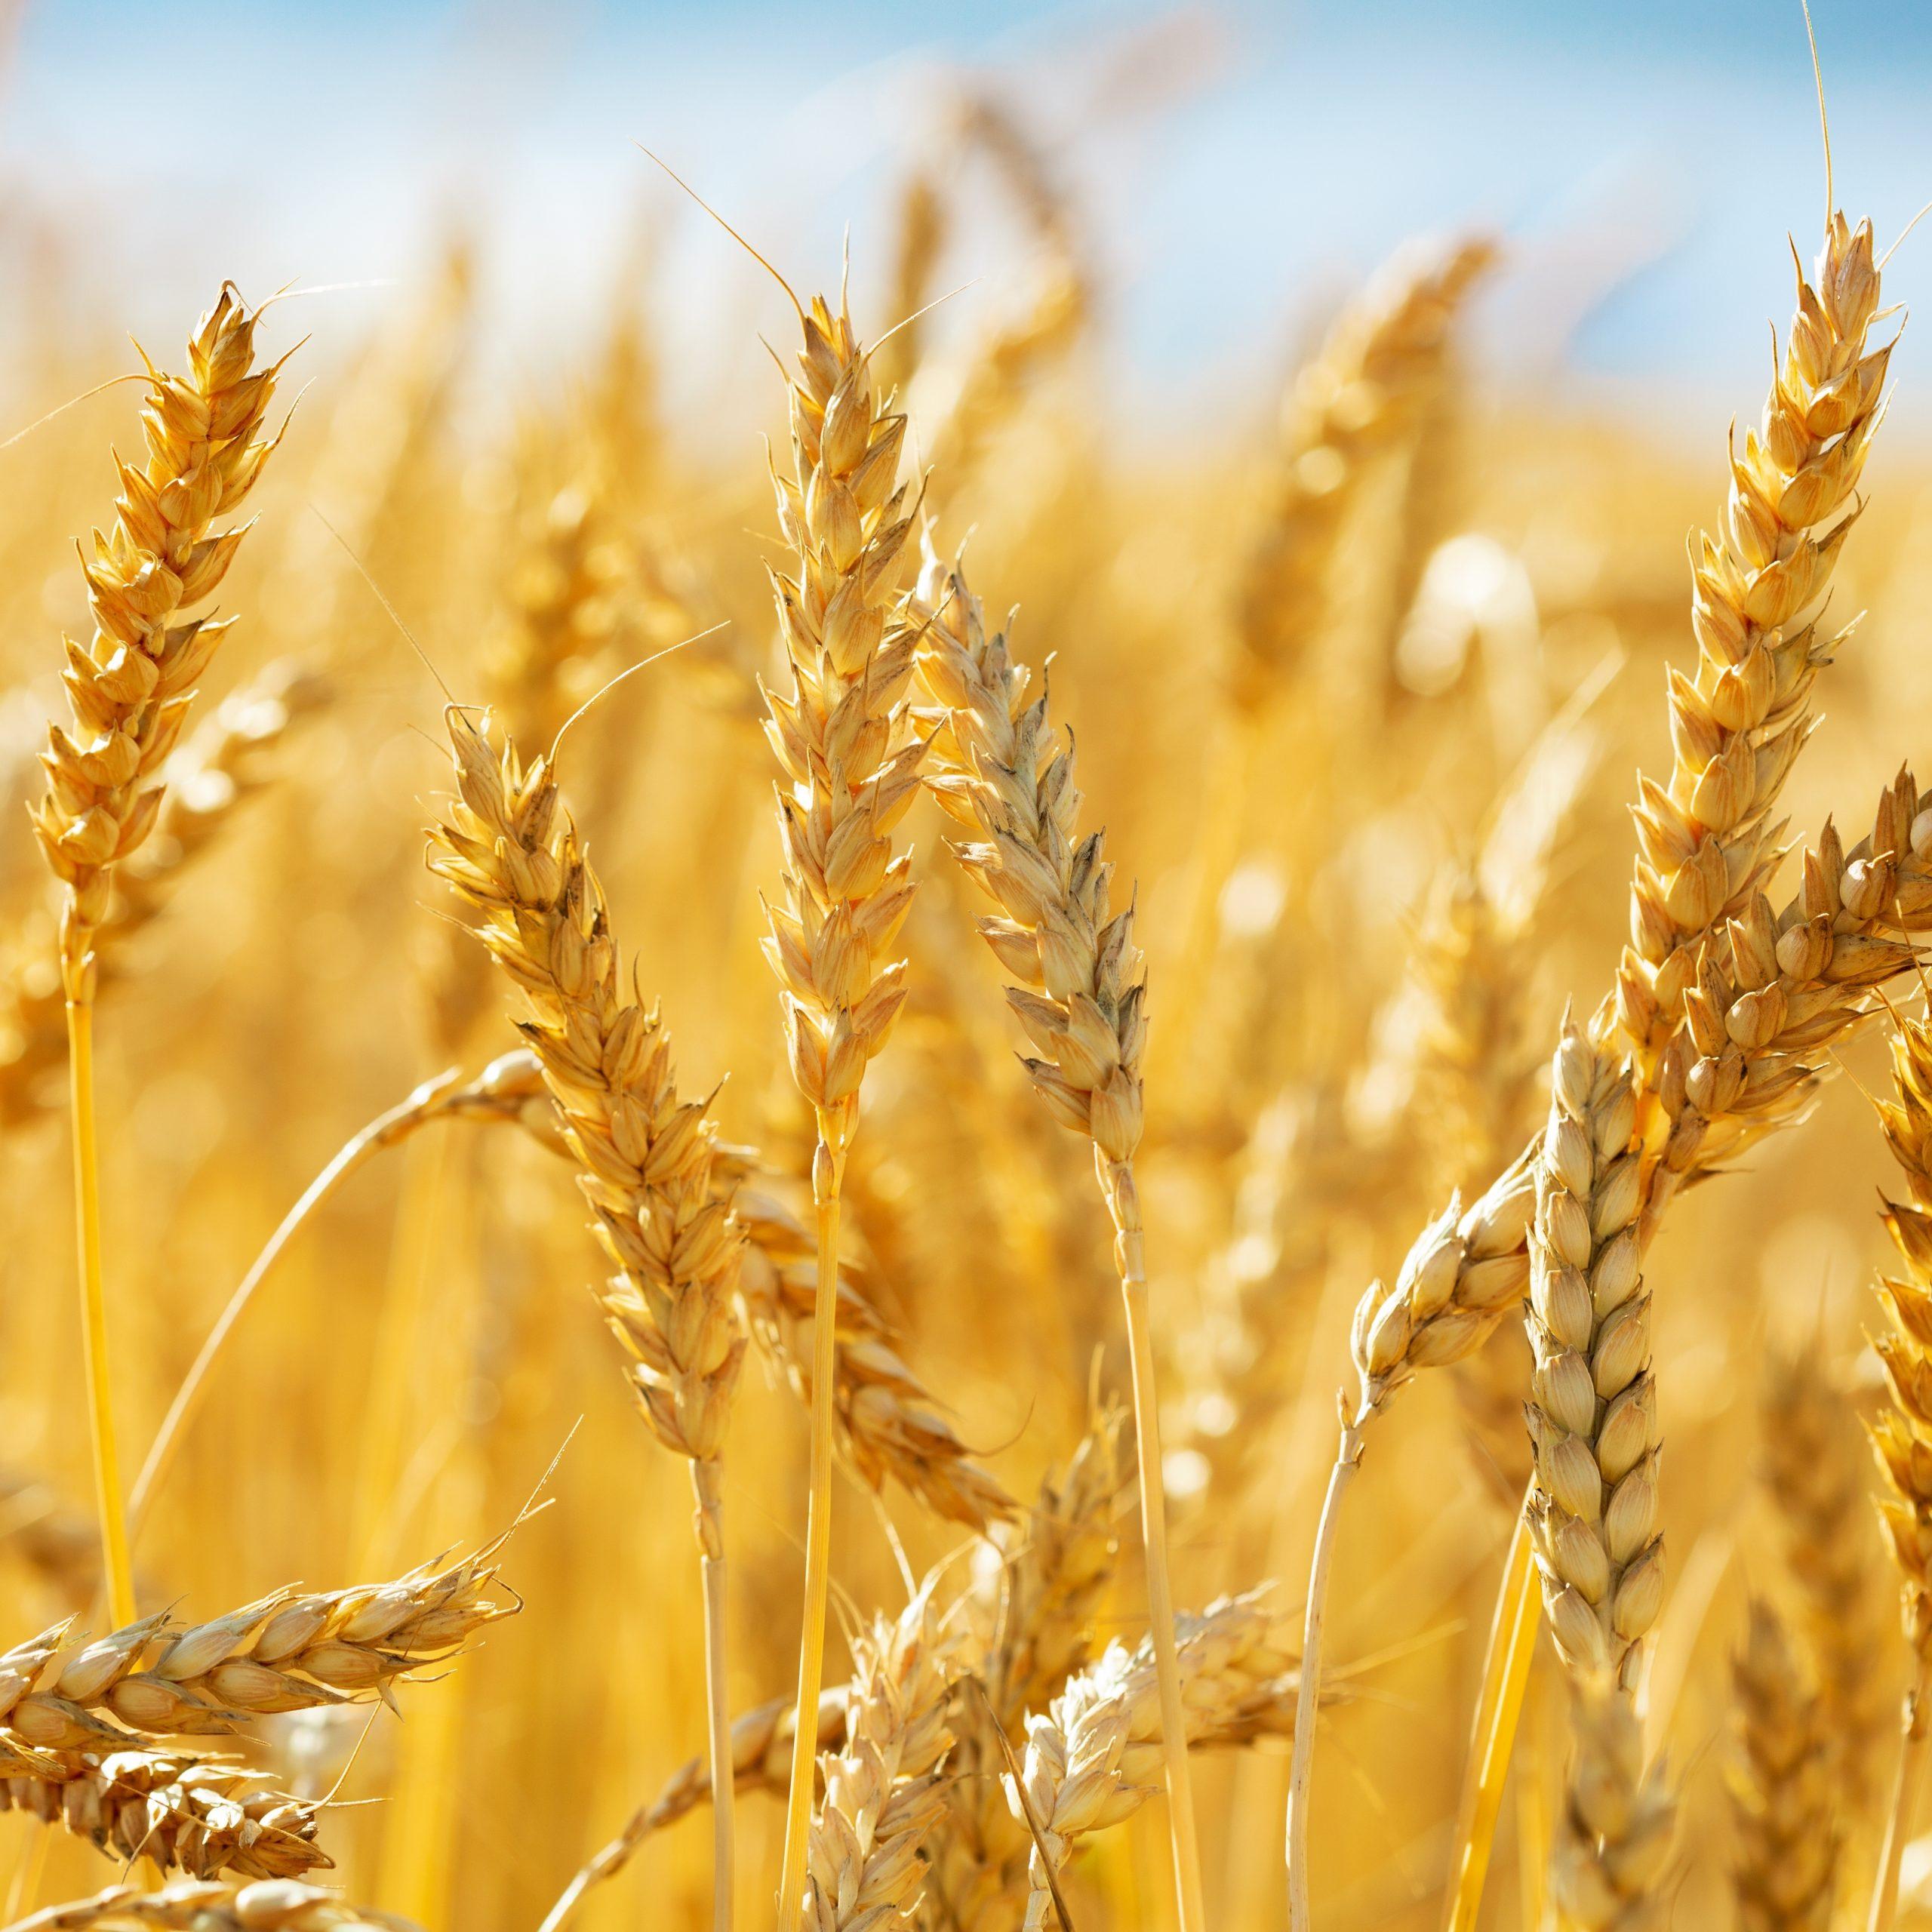 Zöliakie ist eine Autoimmunerkrankung, die durch eine Reaktion auf Gluten verursacht wird, einem Protein, das u. a.a in Weizen vorkommt.